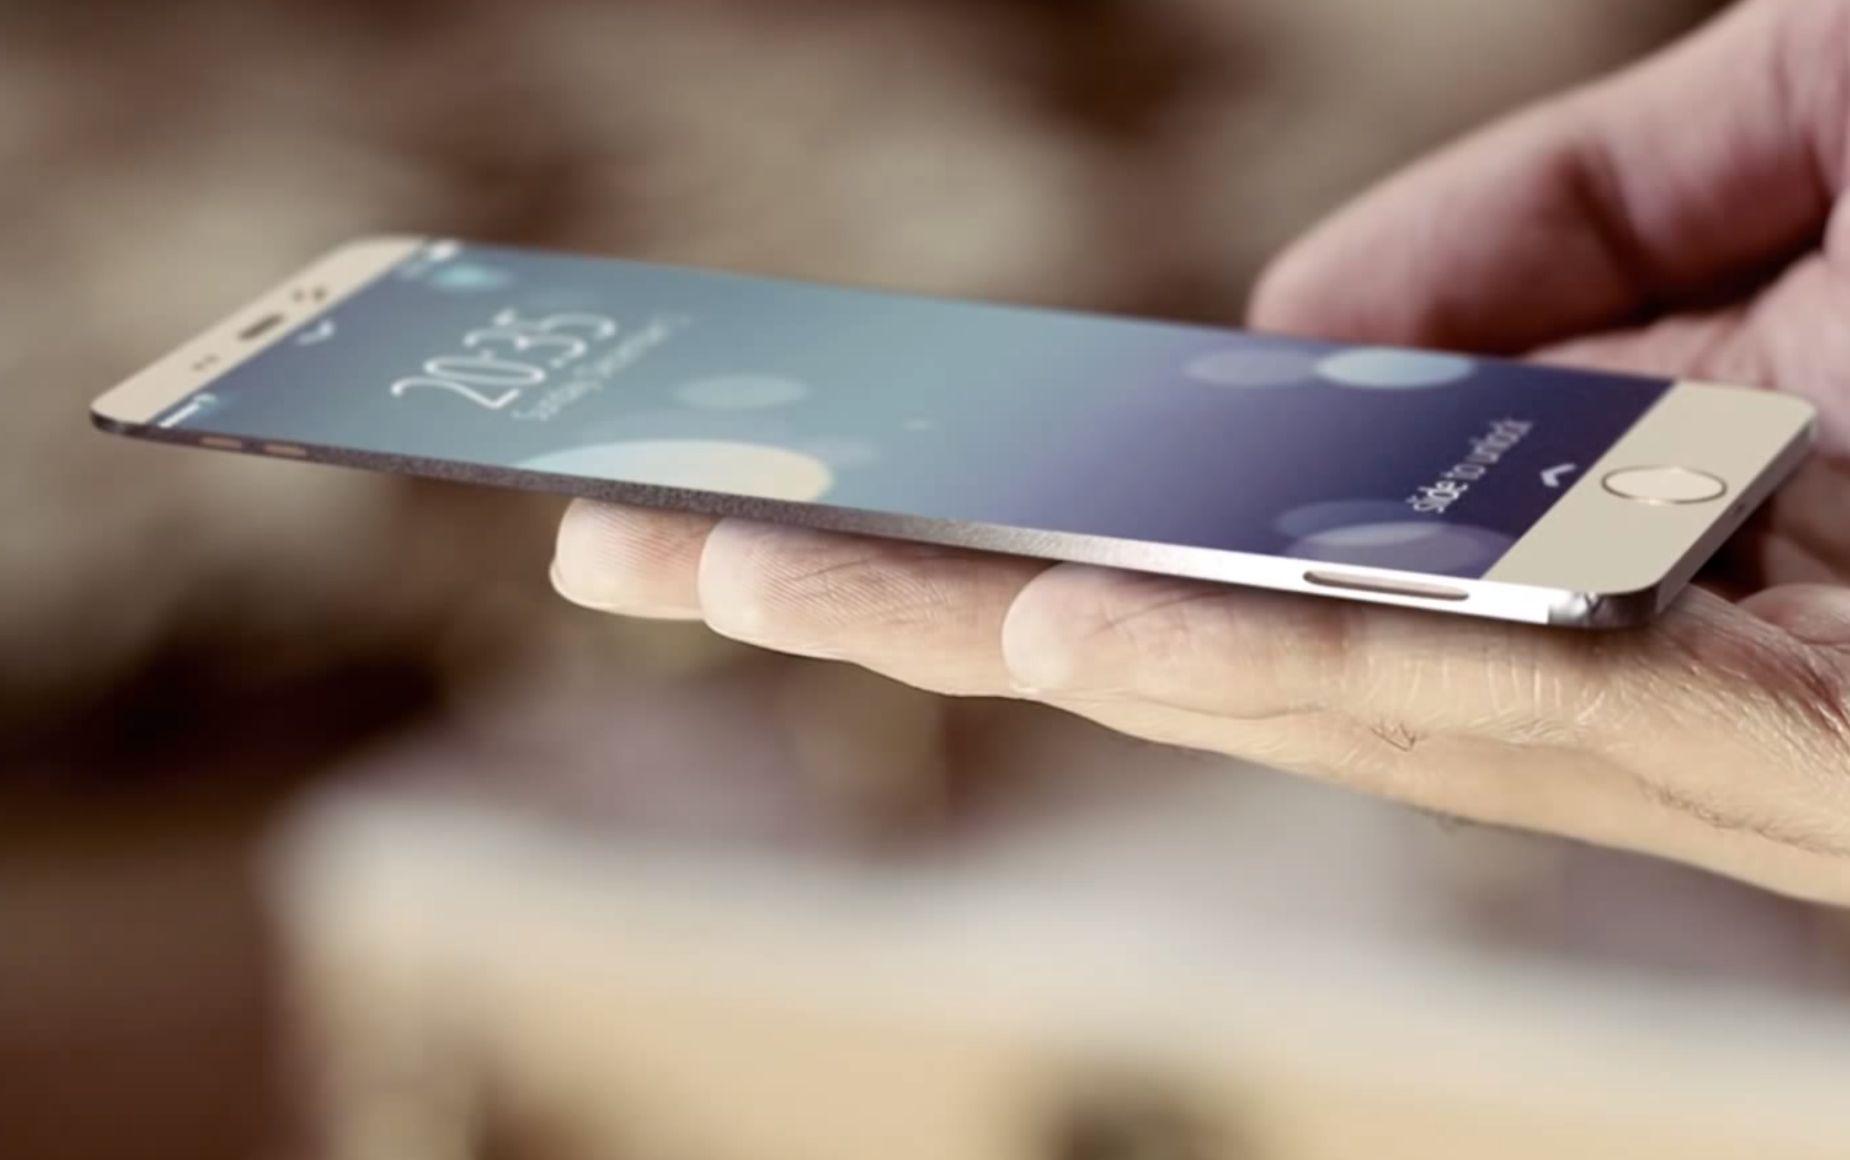 Vì sao iPhone 6 lại hấp dẫn?